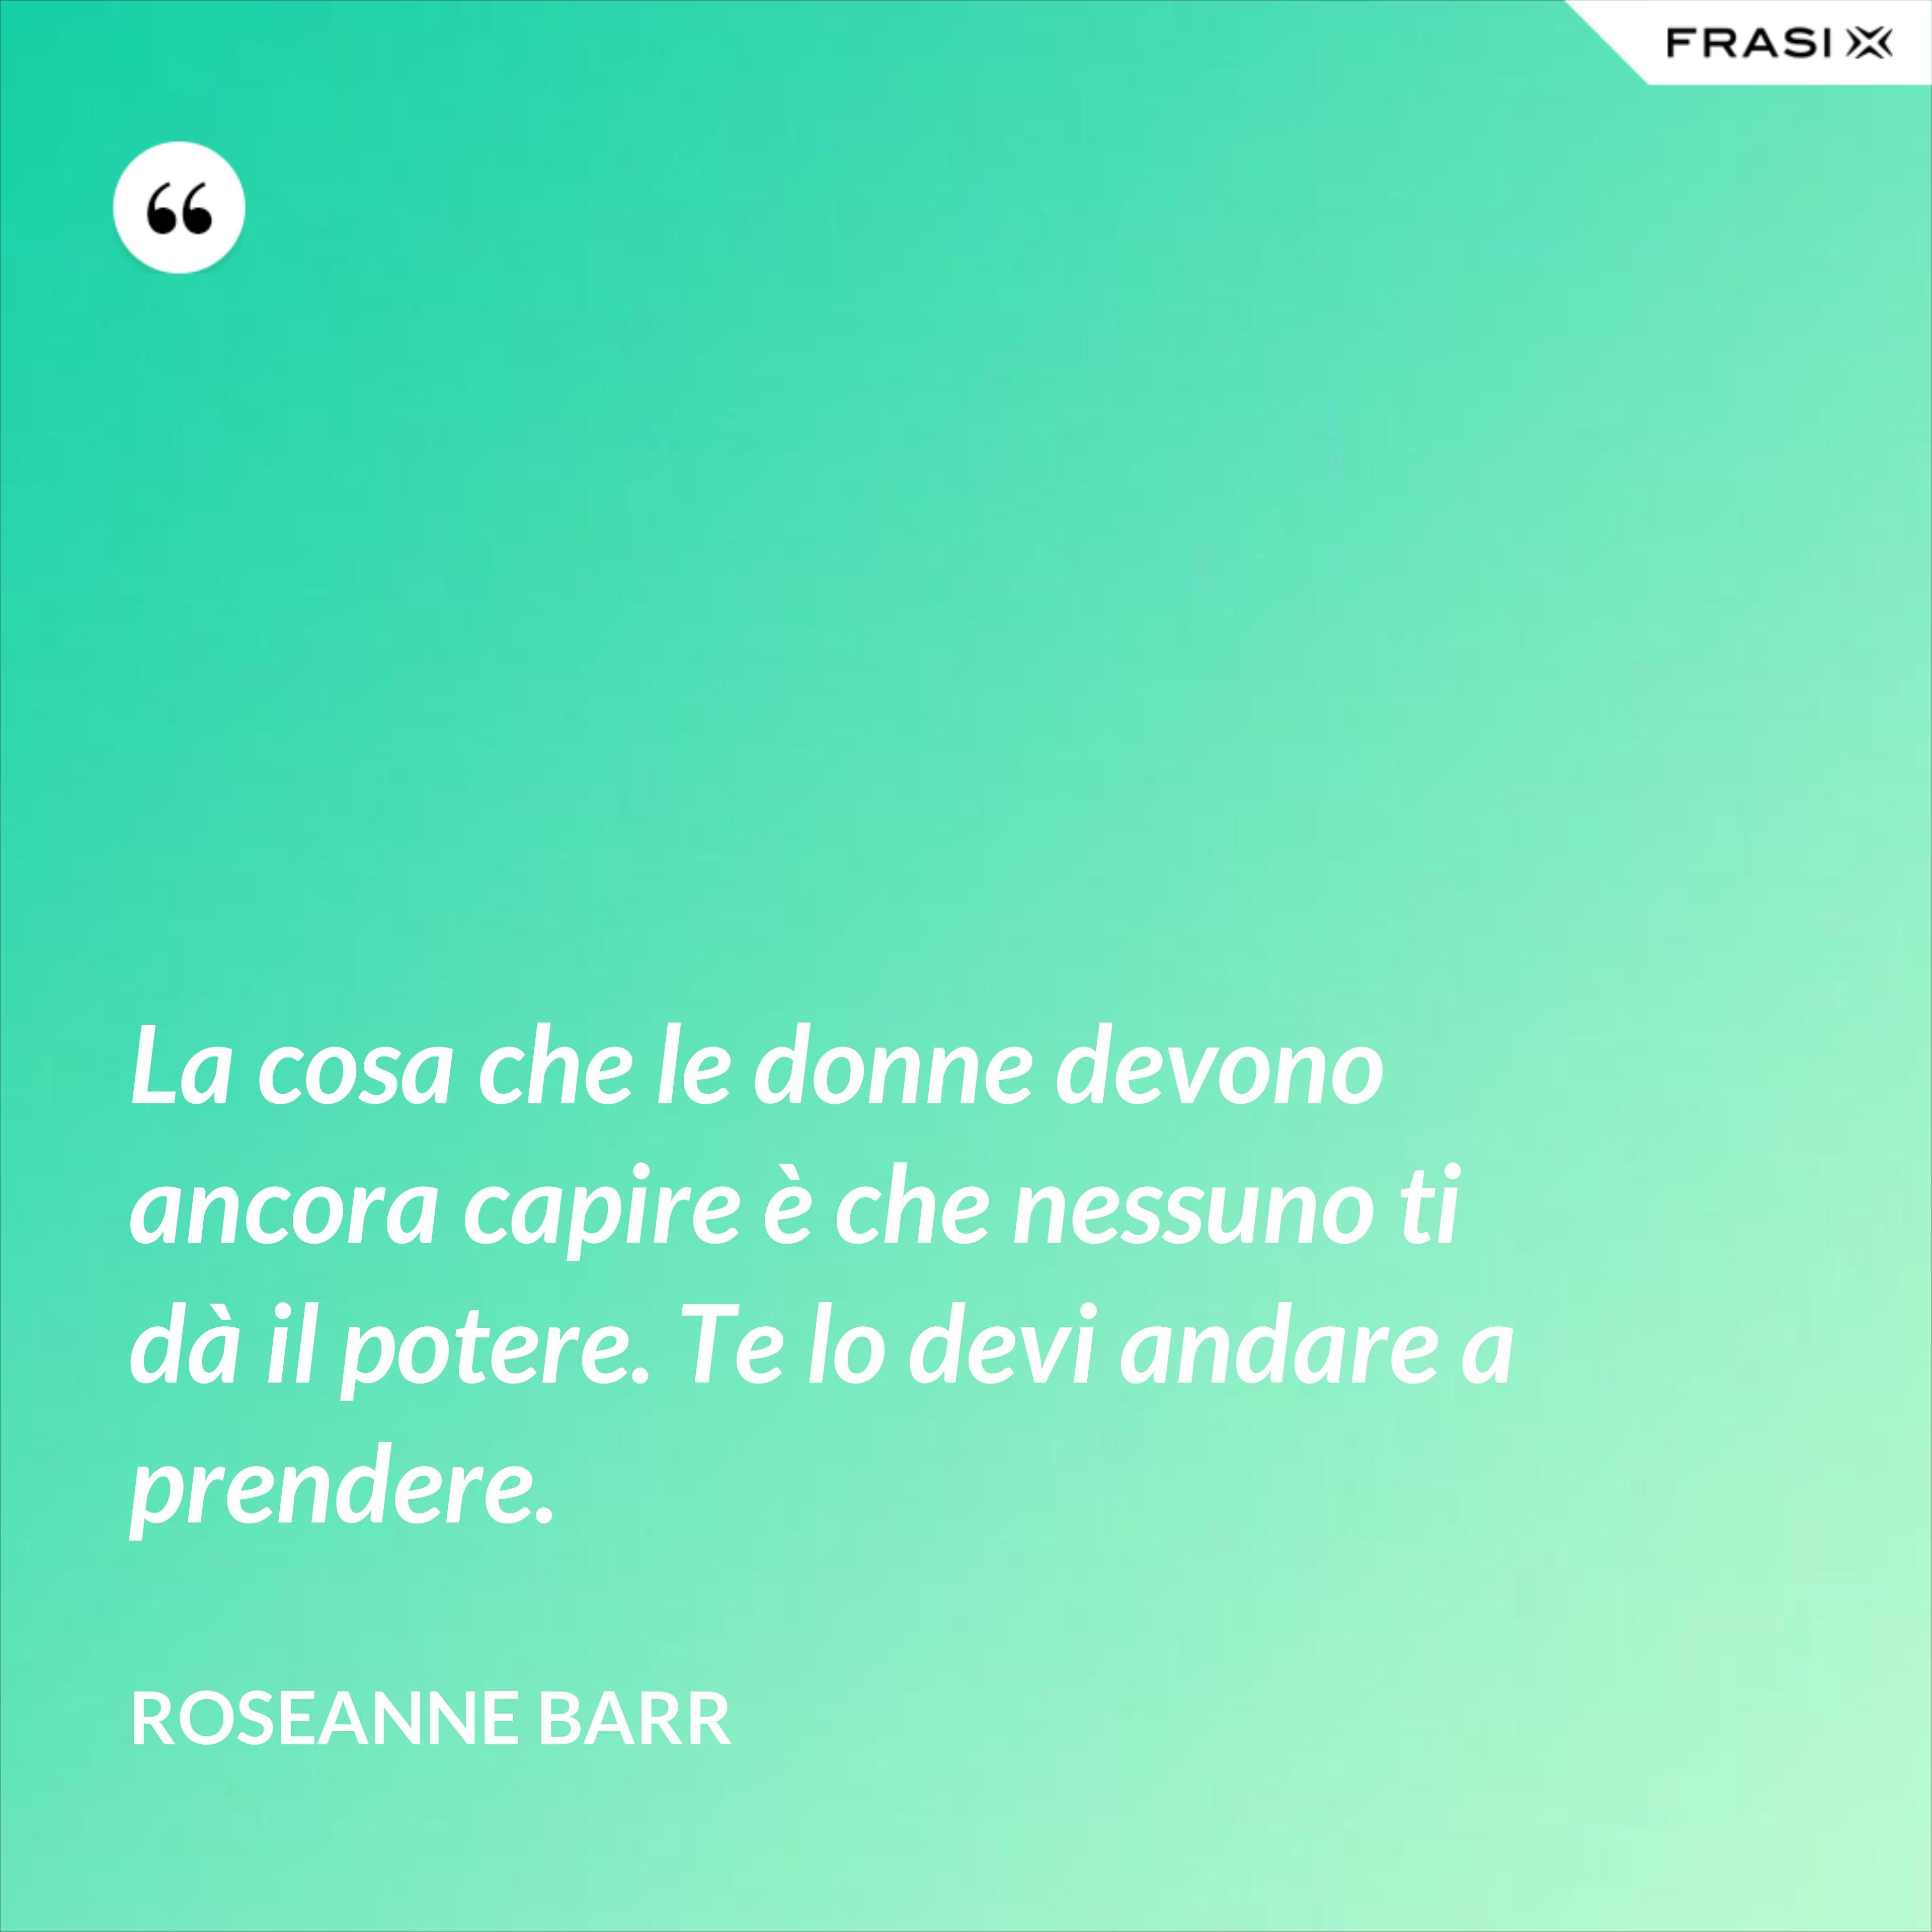 La cosa che le donne devono ancora capire è che nessuno ti dà il potere. Te lo devi andare a prendere. - Roseanne Barr